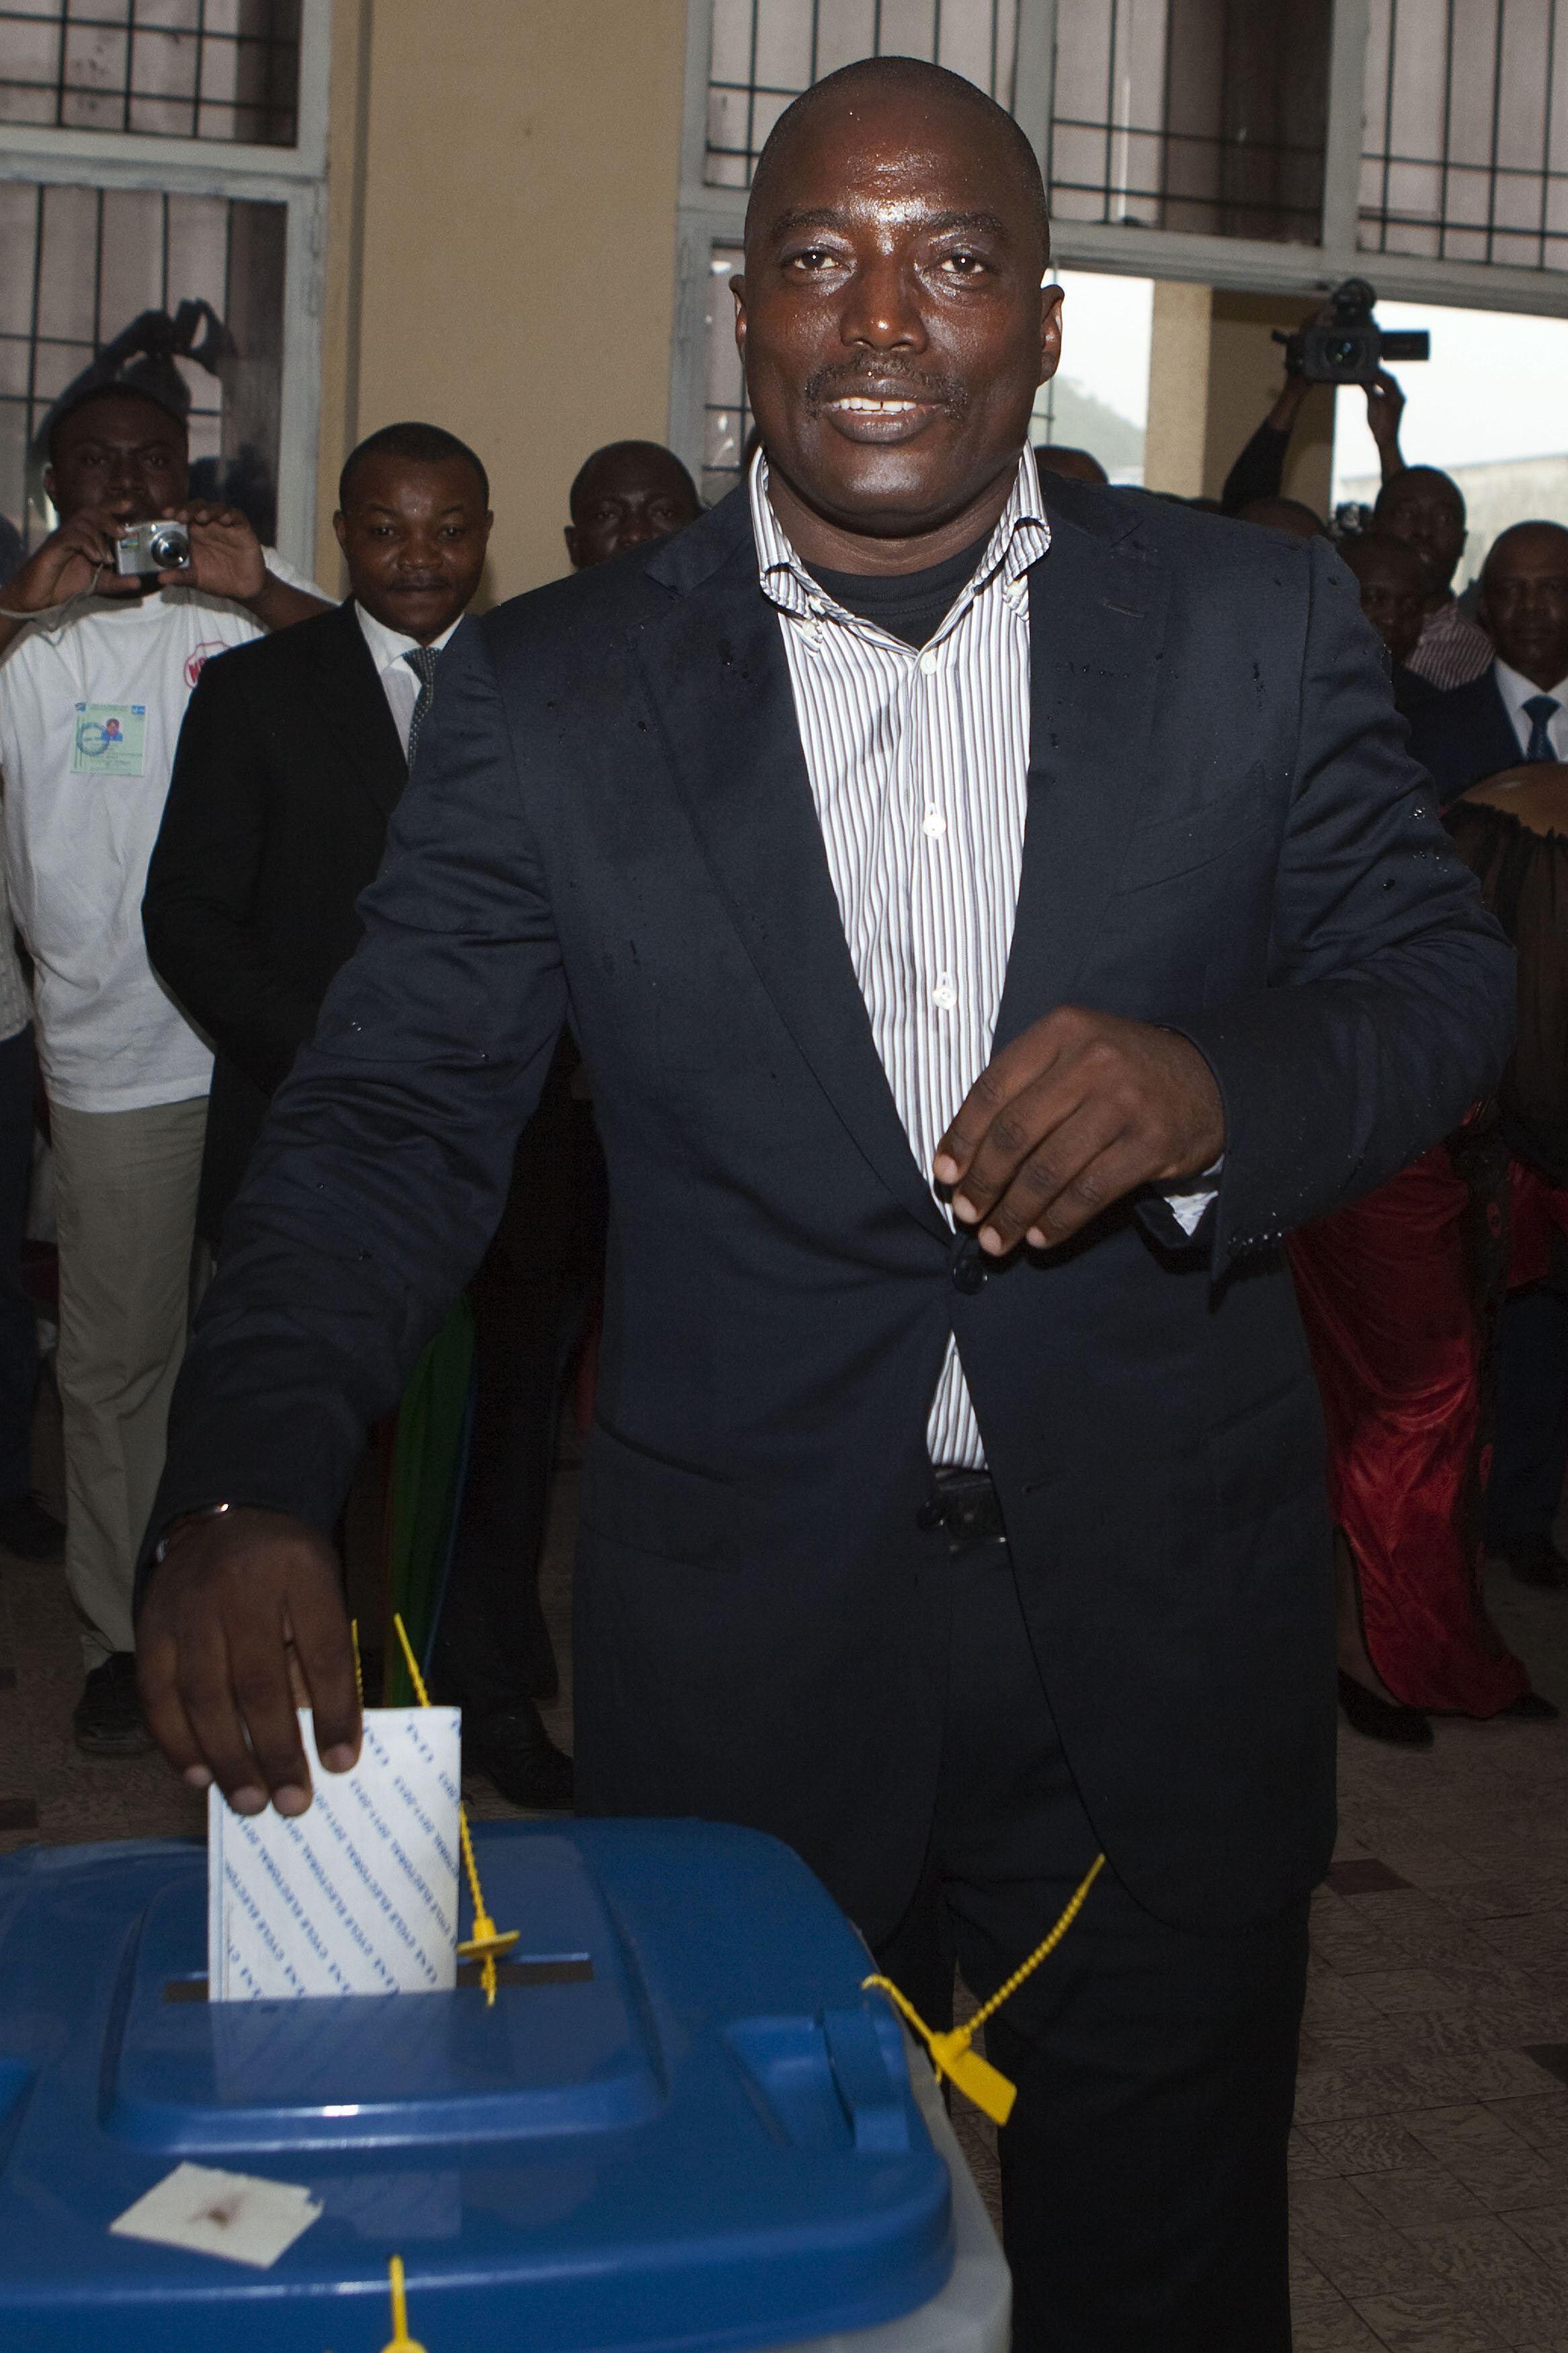 Il y a deux mois, sur RFI, Faustin Munéné avait appelé à renverser le président Kabila par les armes.